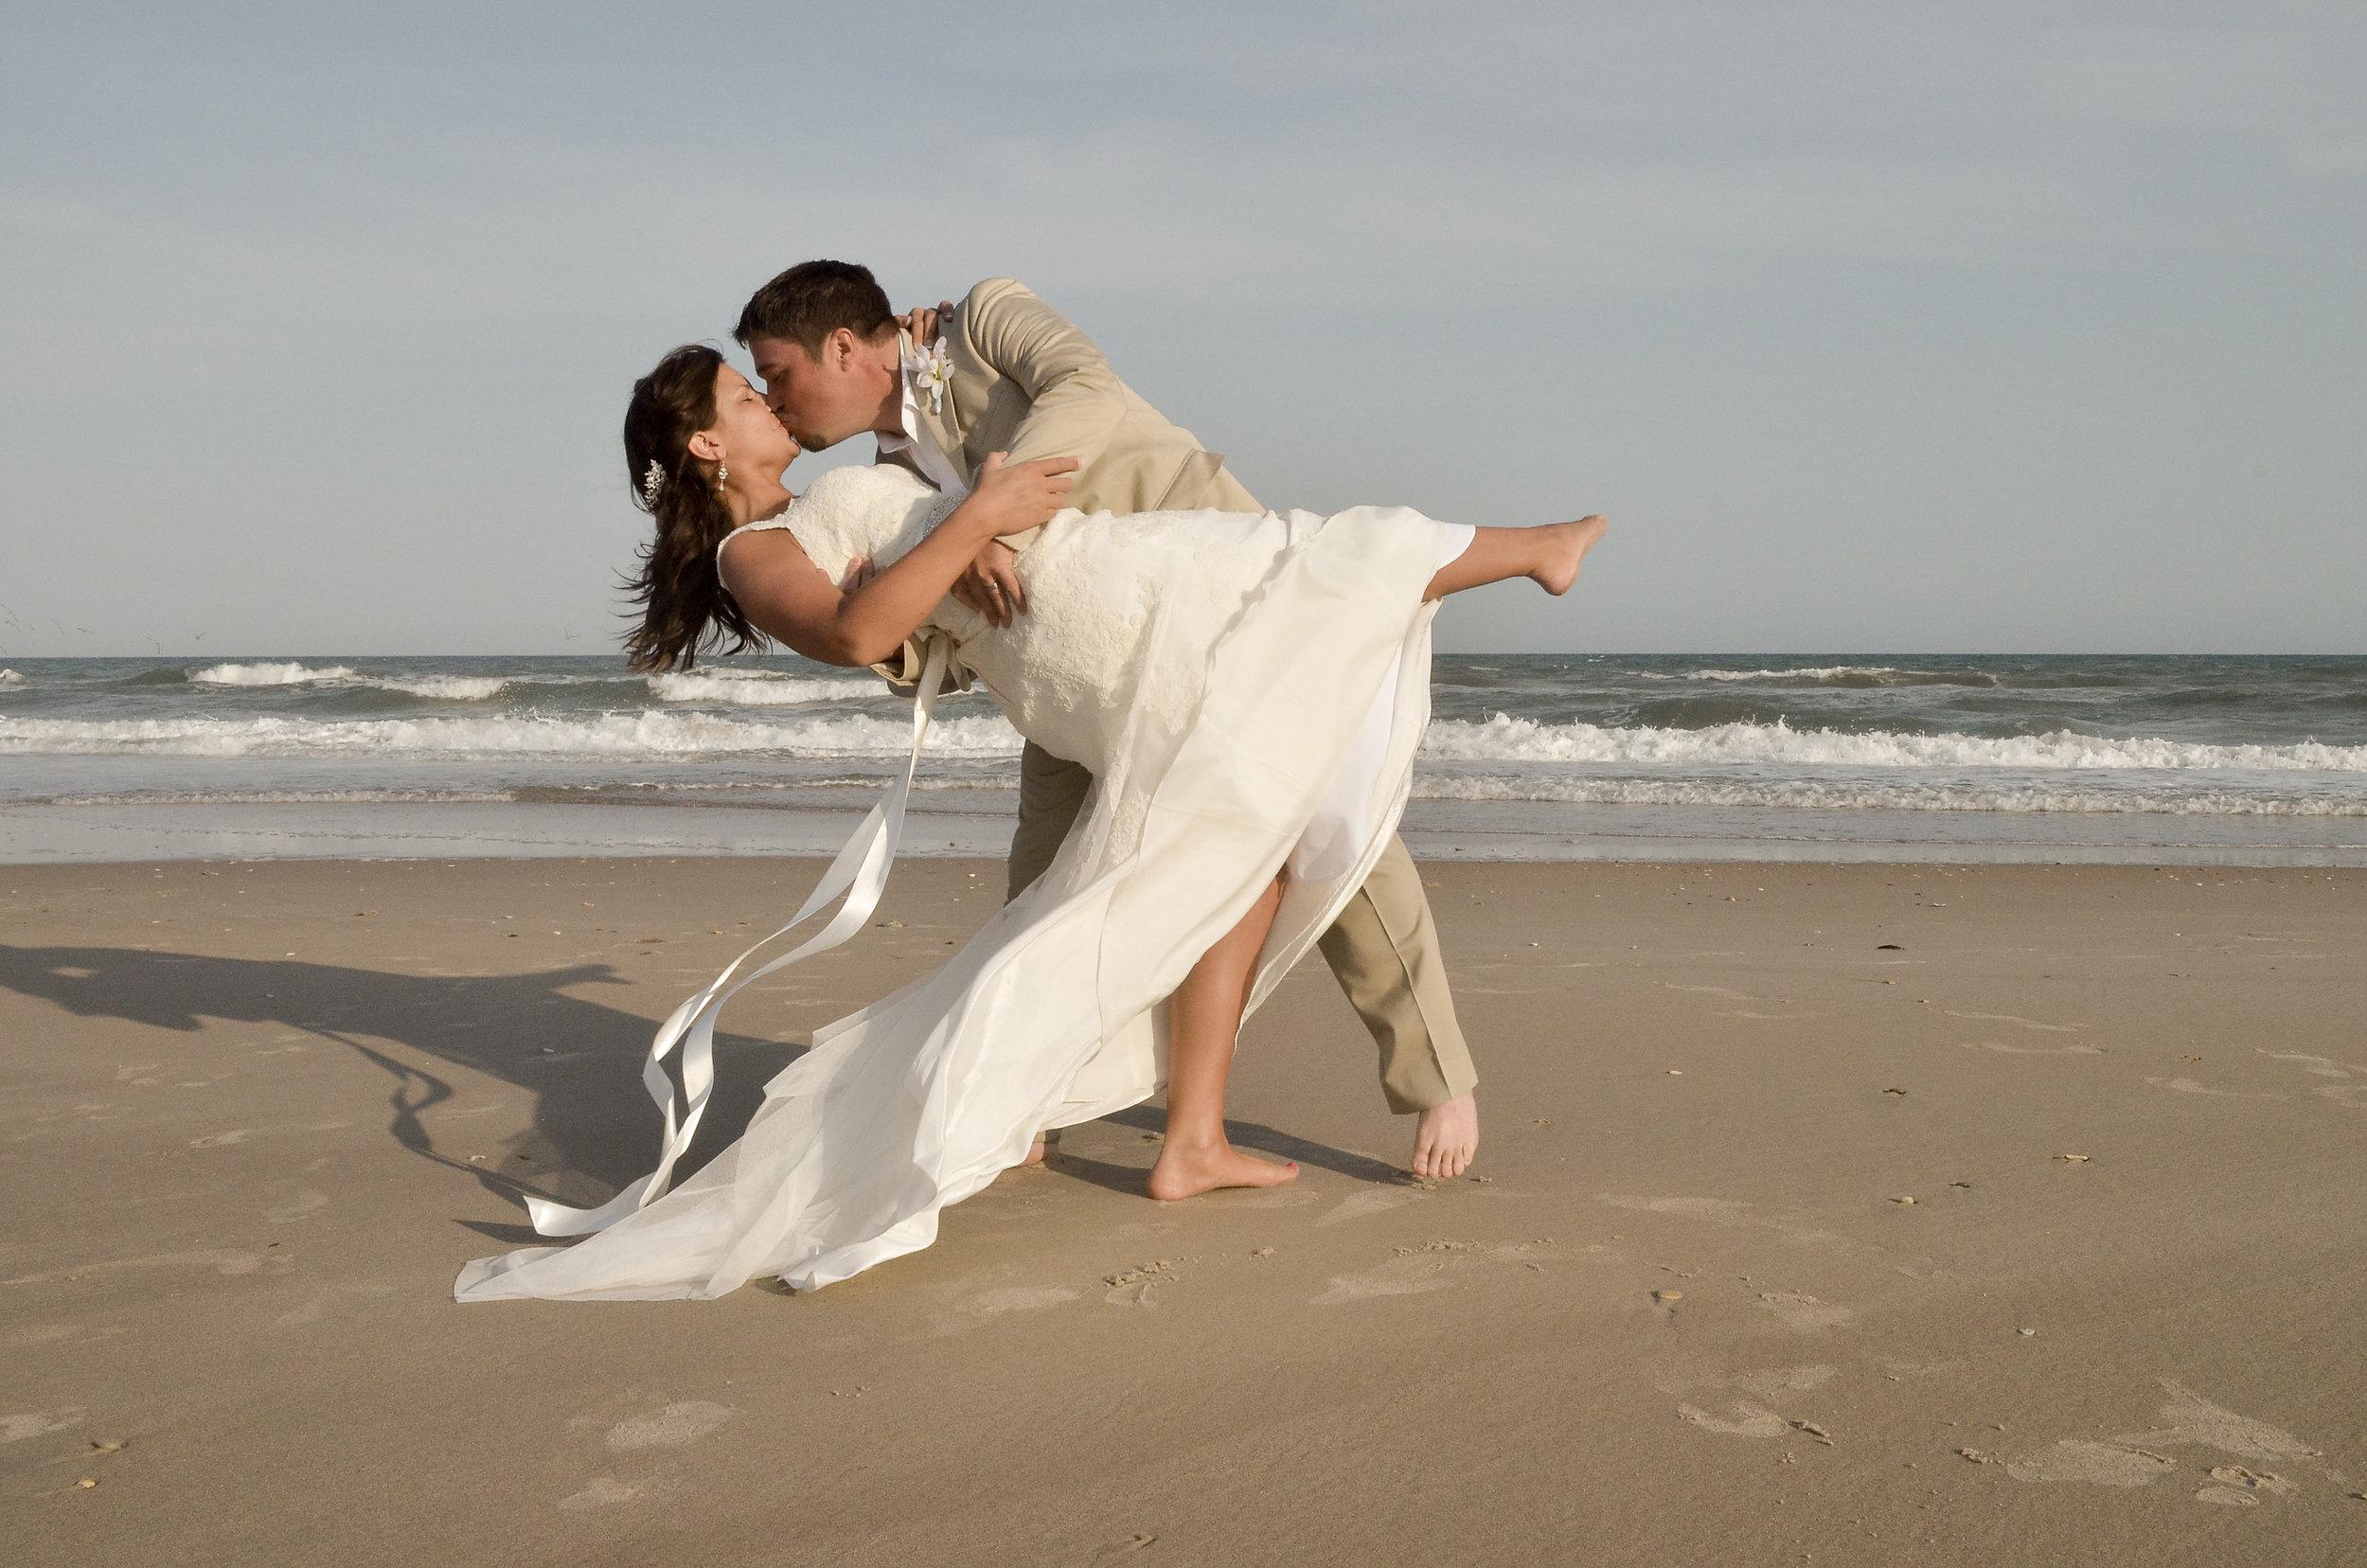 Beach dip and kiss